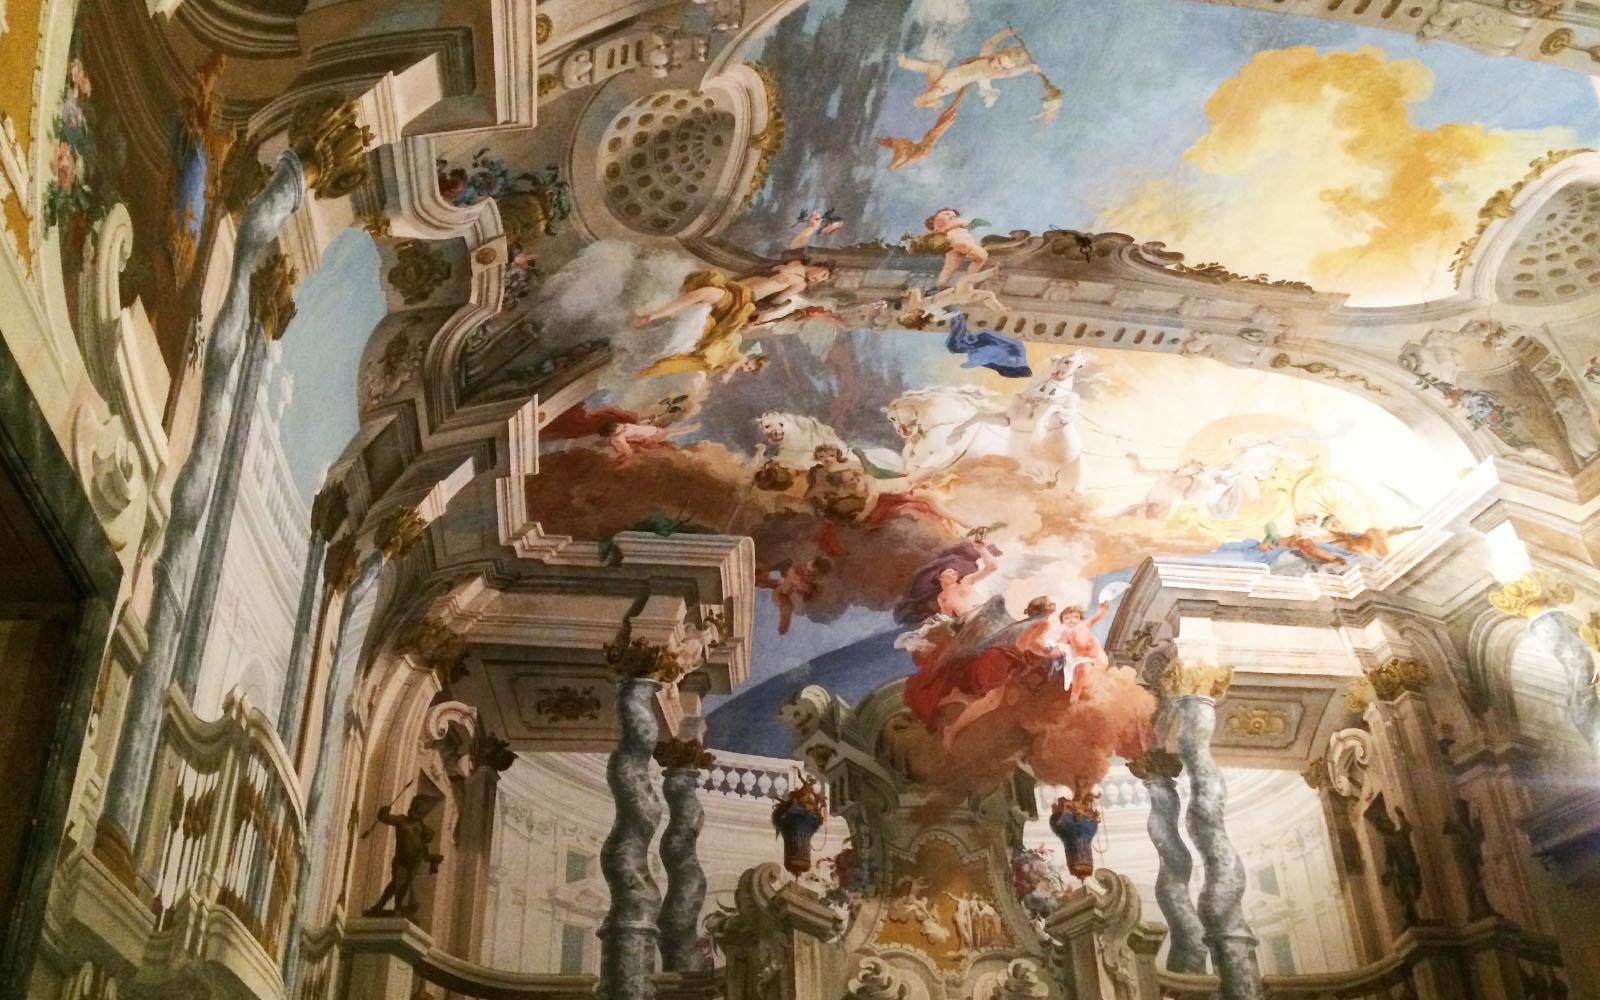 Uno dei molteplici affreschi sul soffitto di Villa Arconati, nel Piano Nobile.